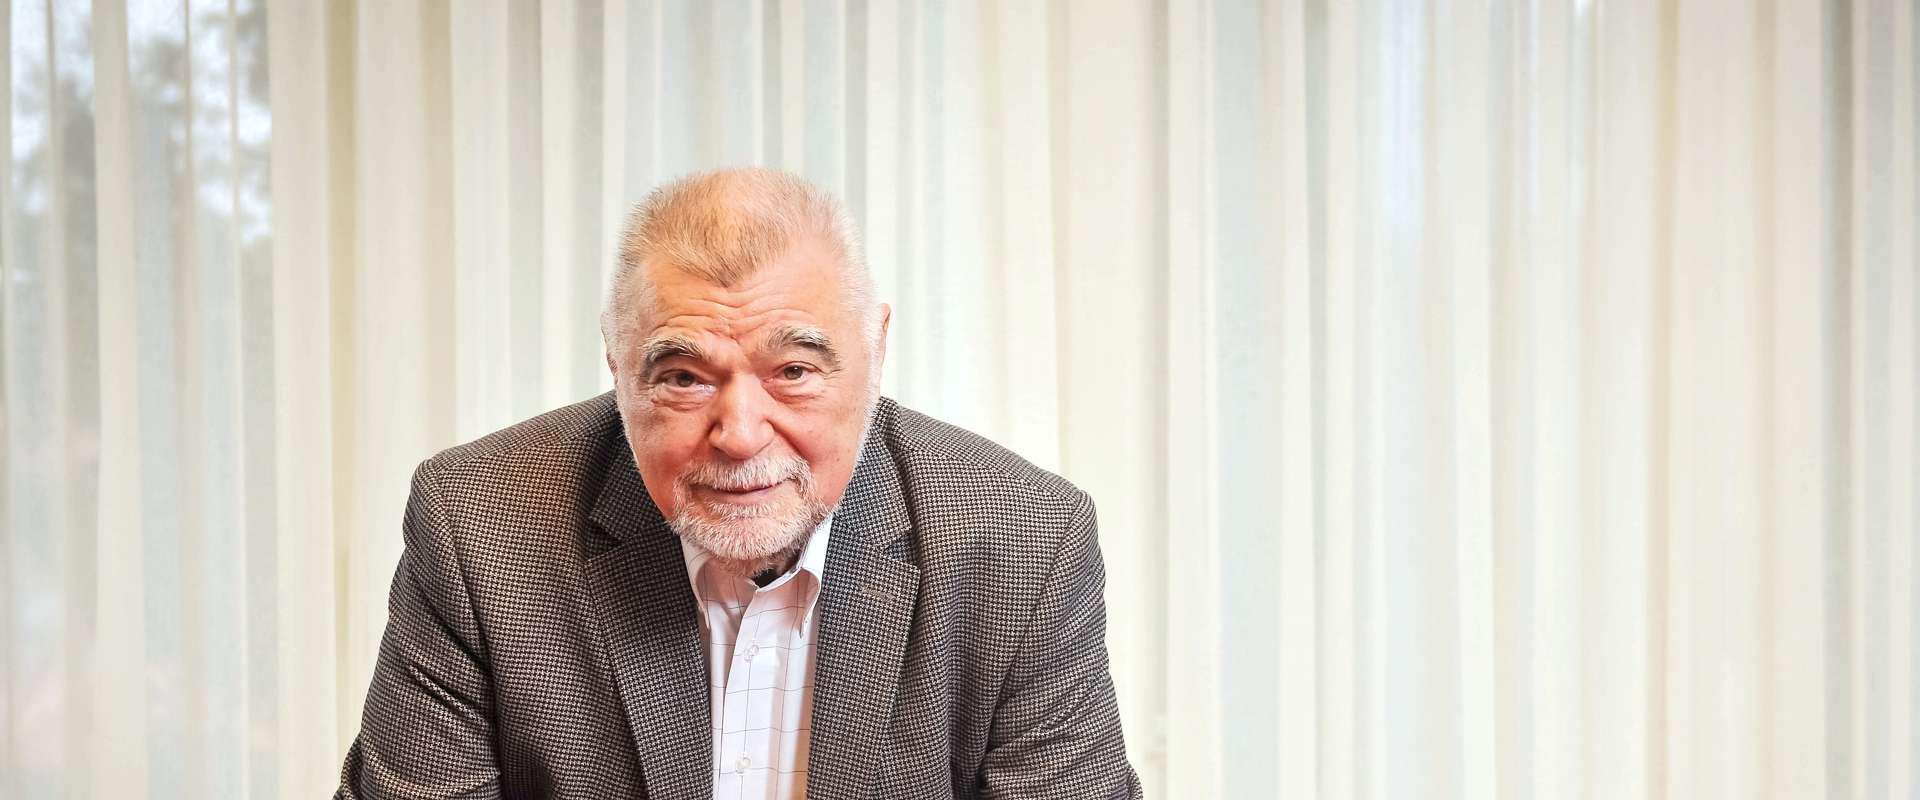 EKSKLUZIVNO: STIPE MESIĆ: 'Tihomir Orešković mogao bi odgovoriti kako je prodana Pliva'